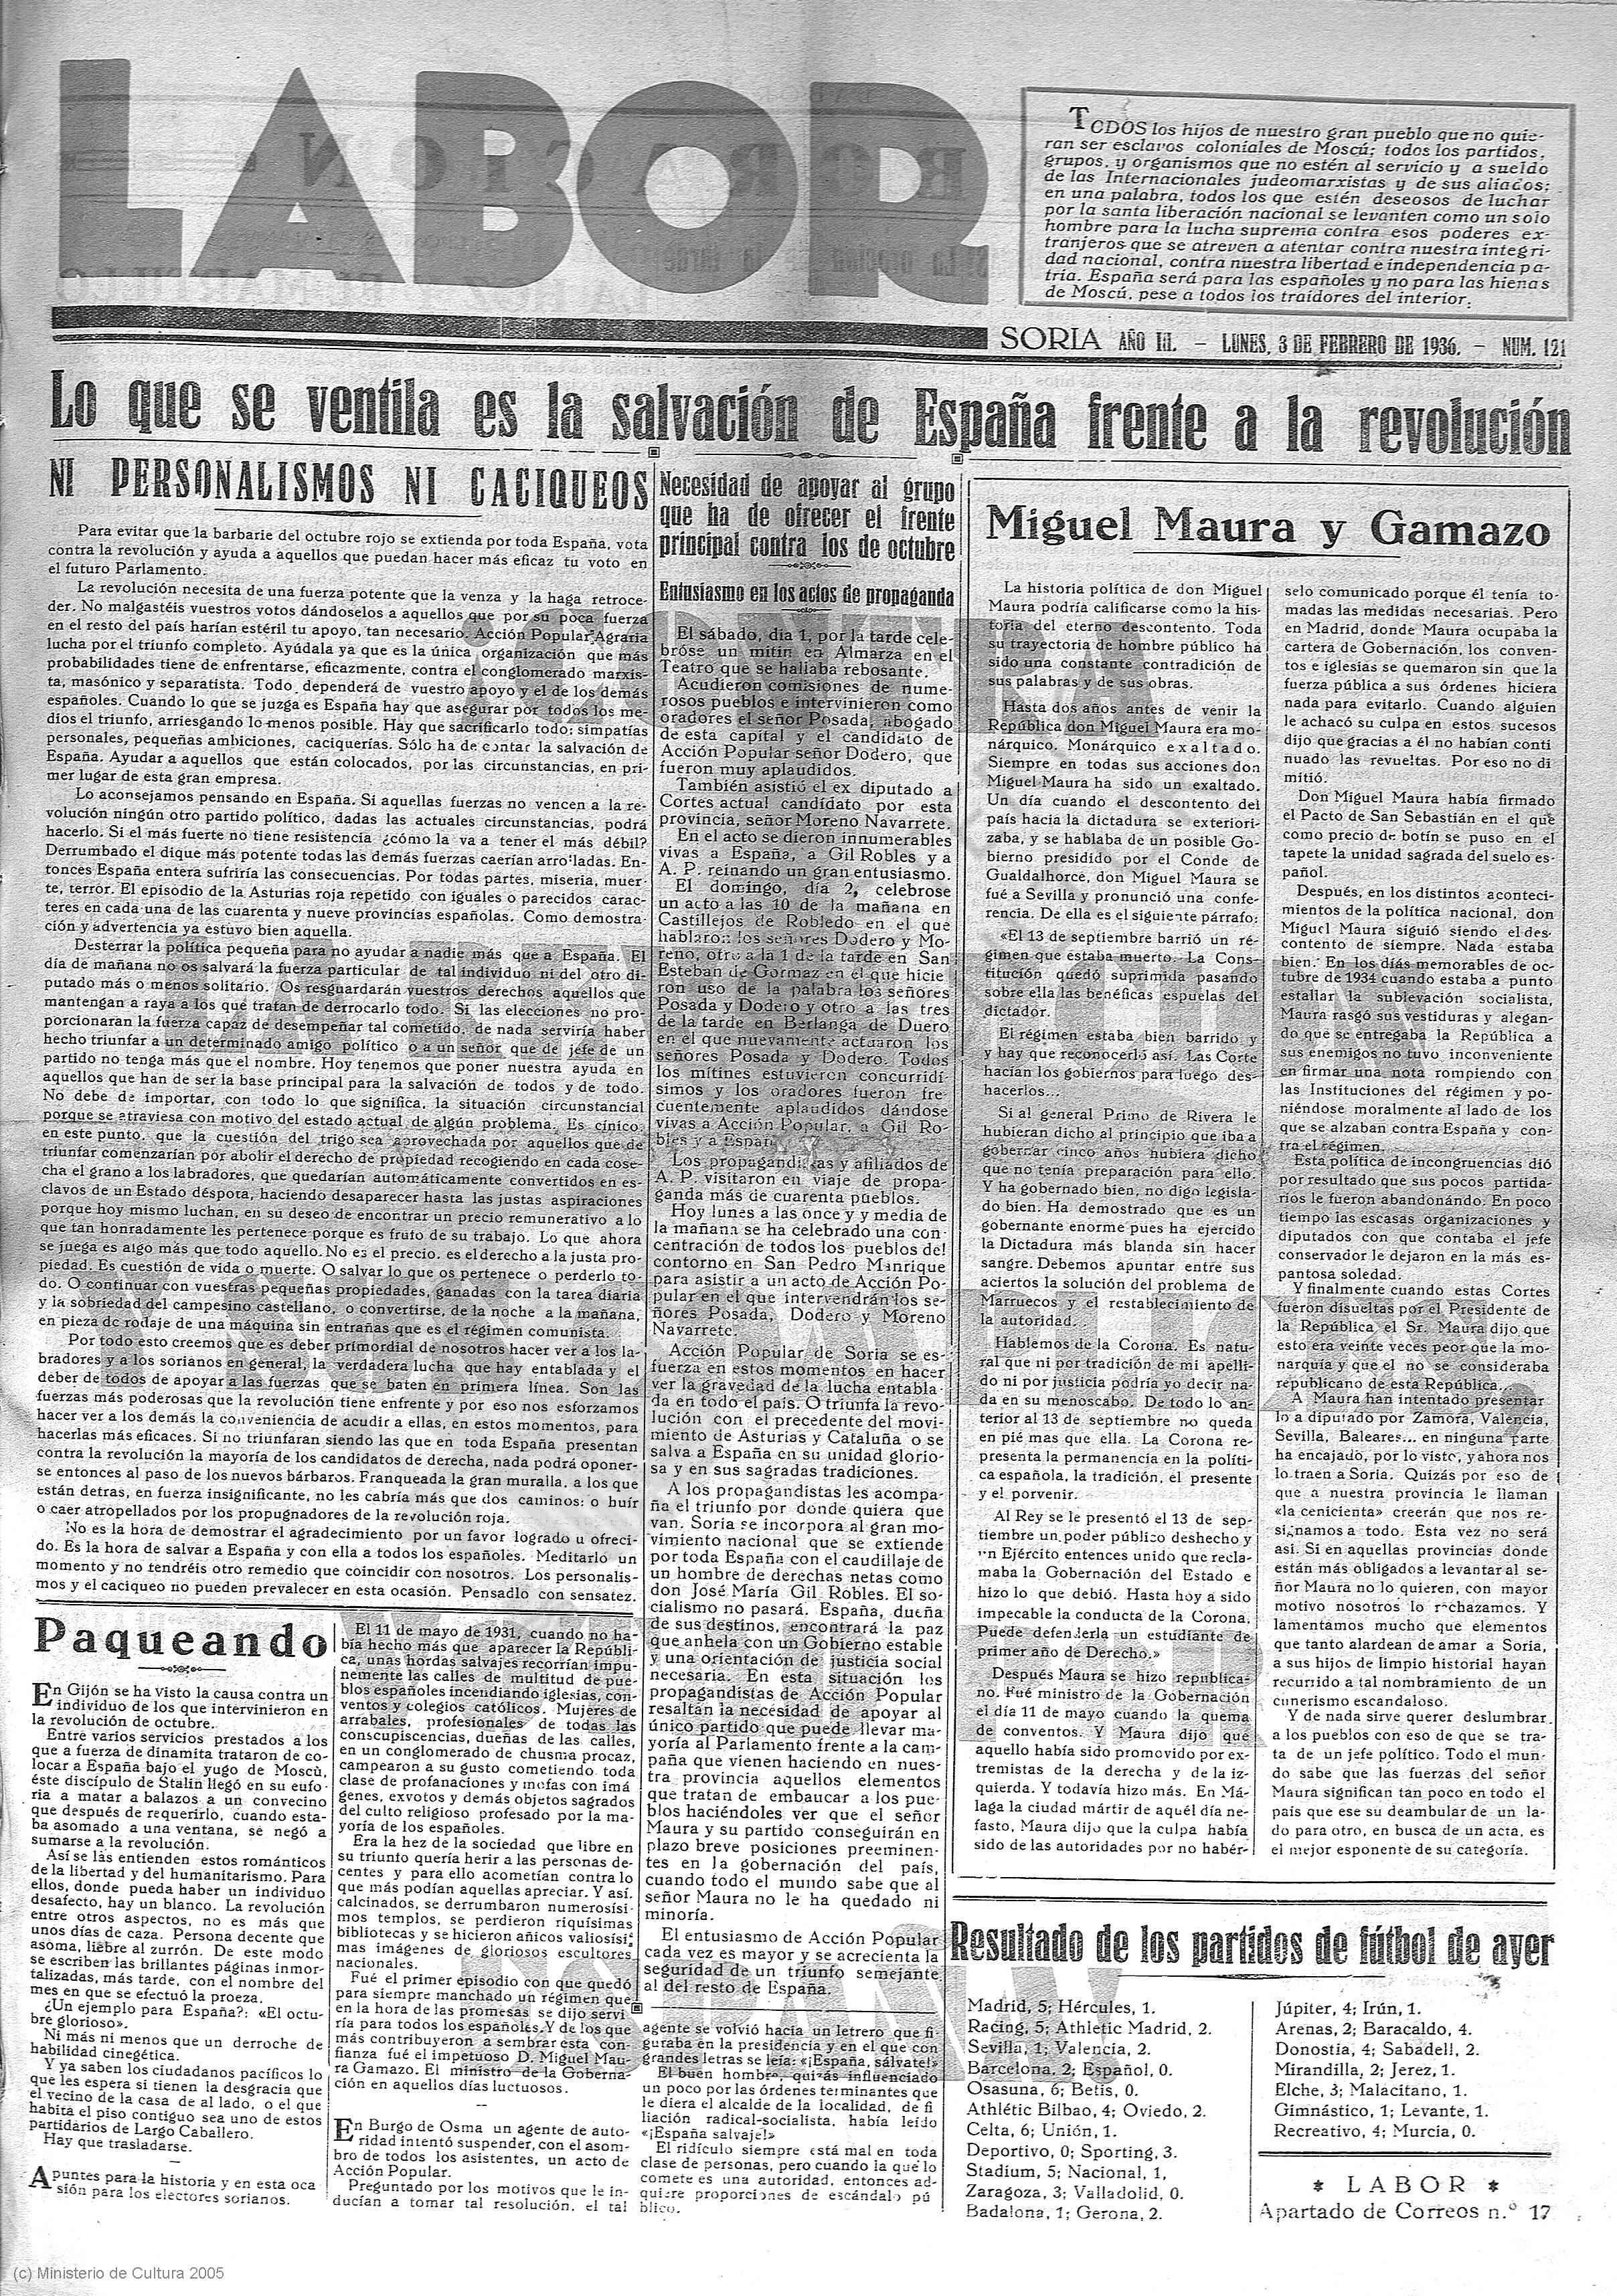 Primera página del periódico Labor (Soria, 3 de febrero de 1936).